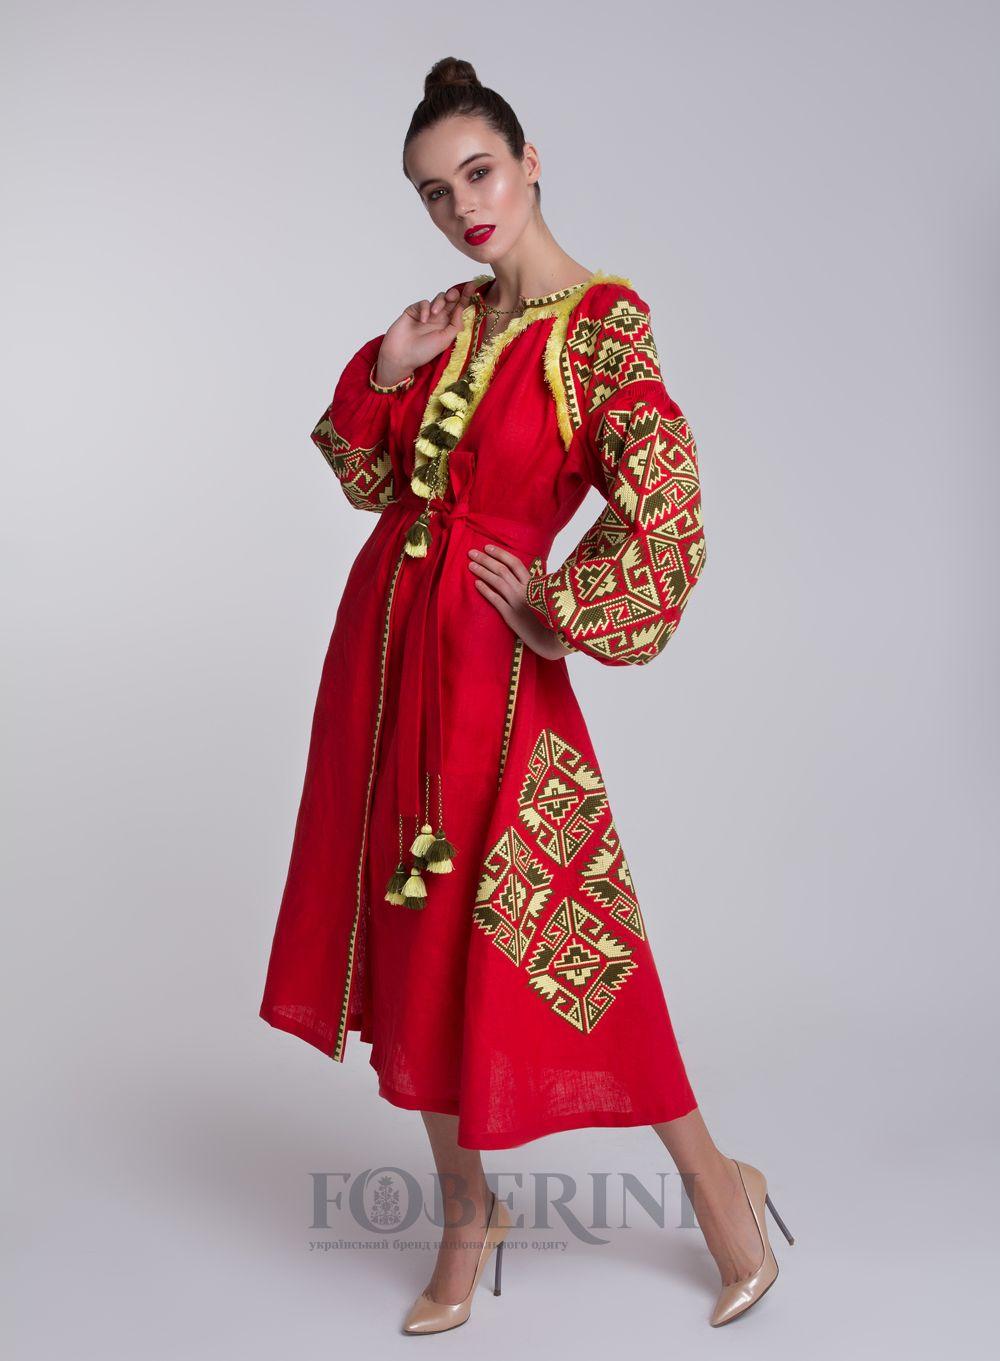 Українська сукня вишиванка від FOBERINI з натурального льону. Адреса  шоурума  г. Киев c7fc2c829ba07